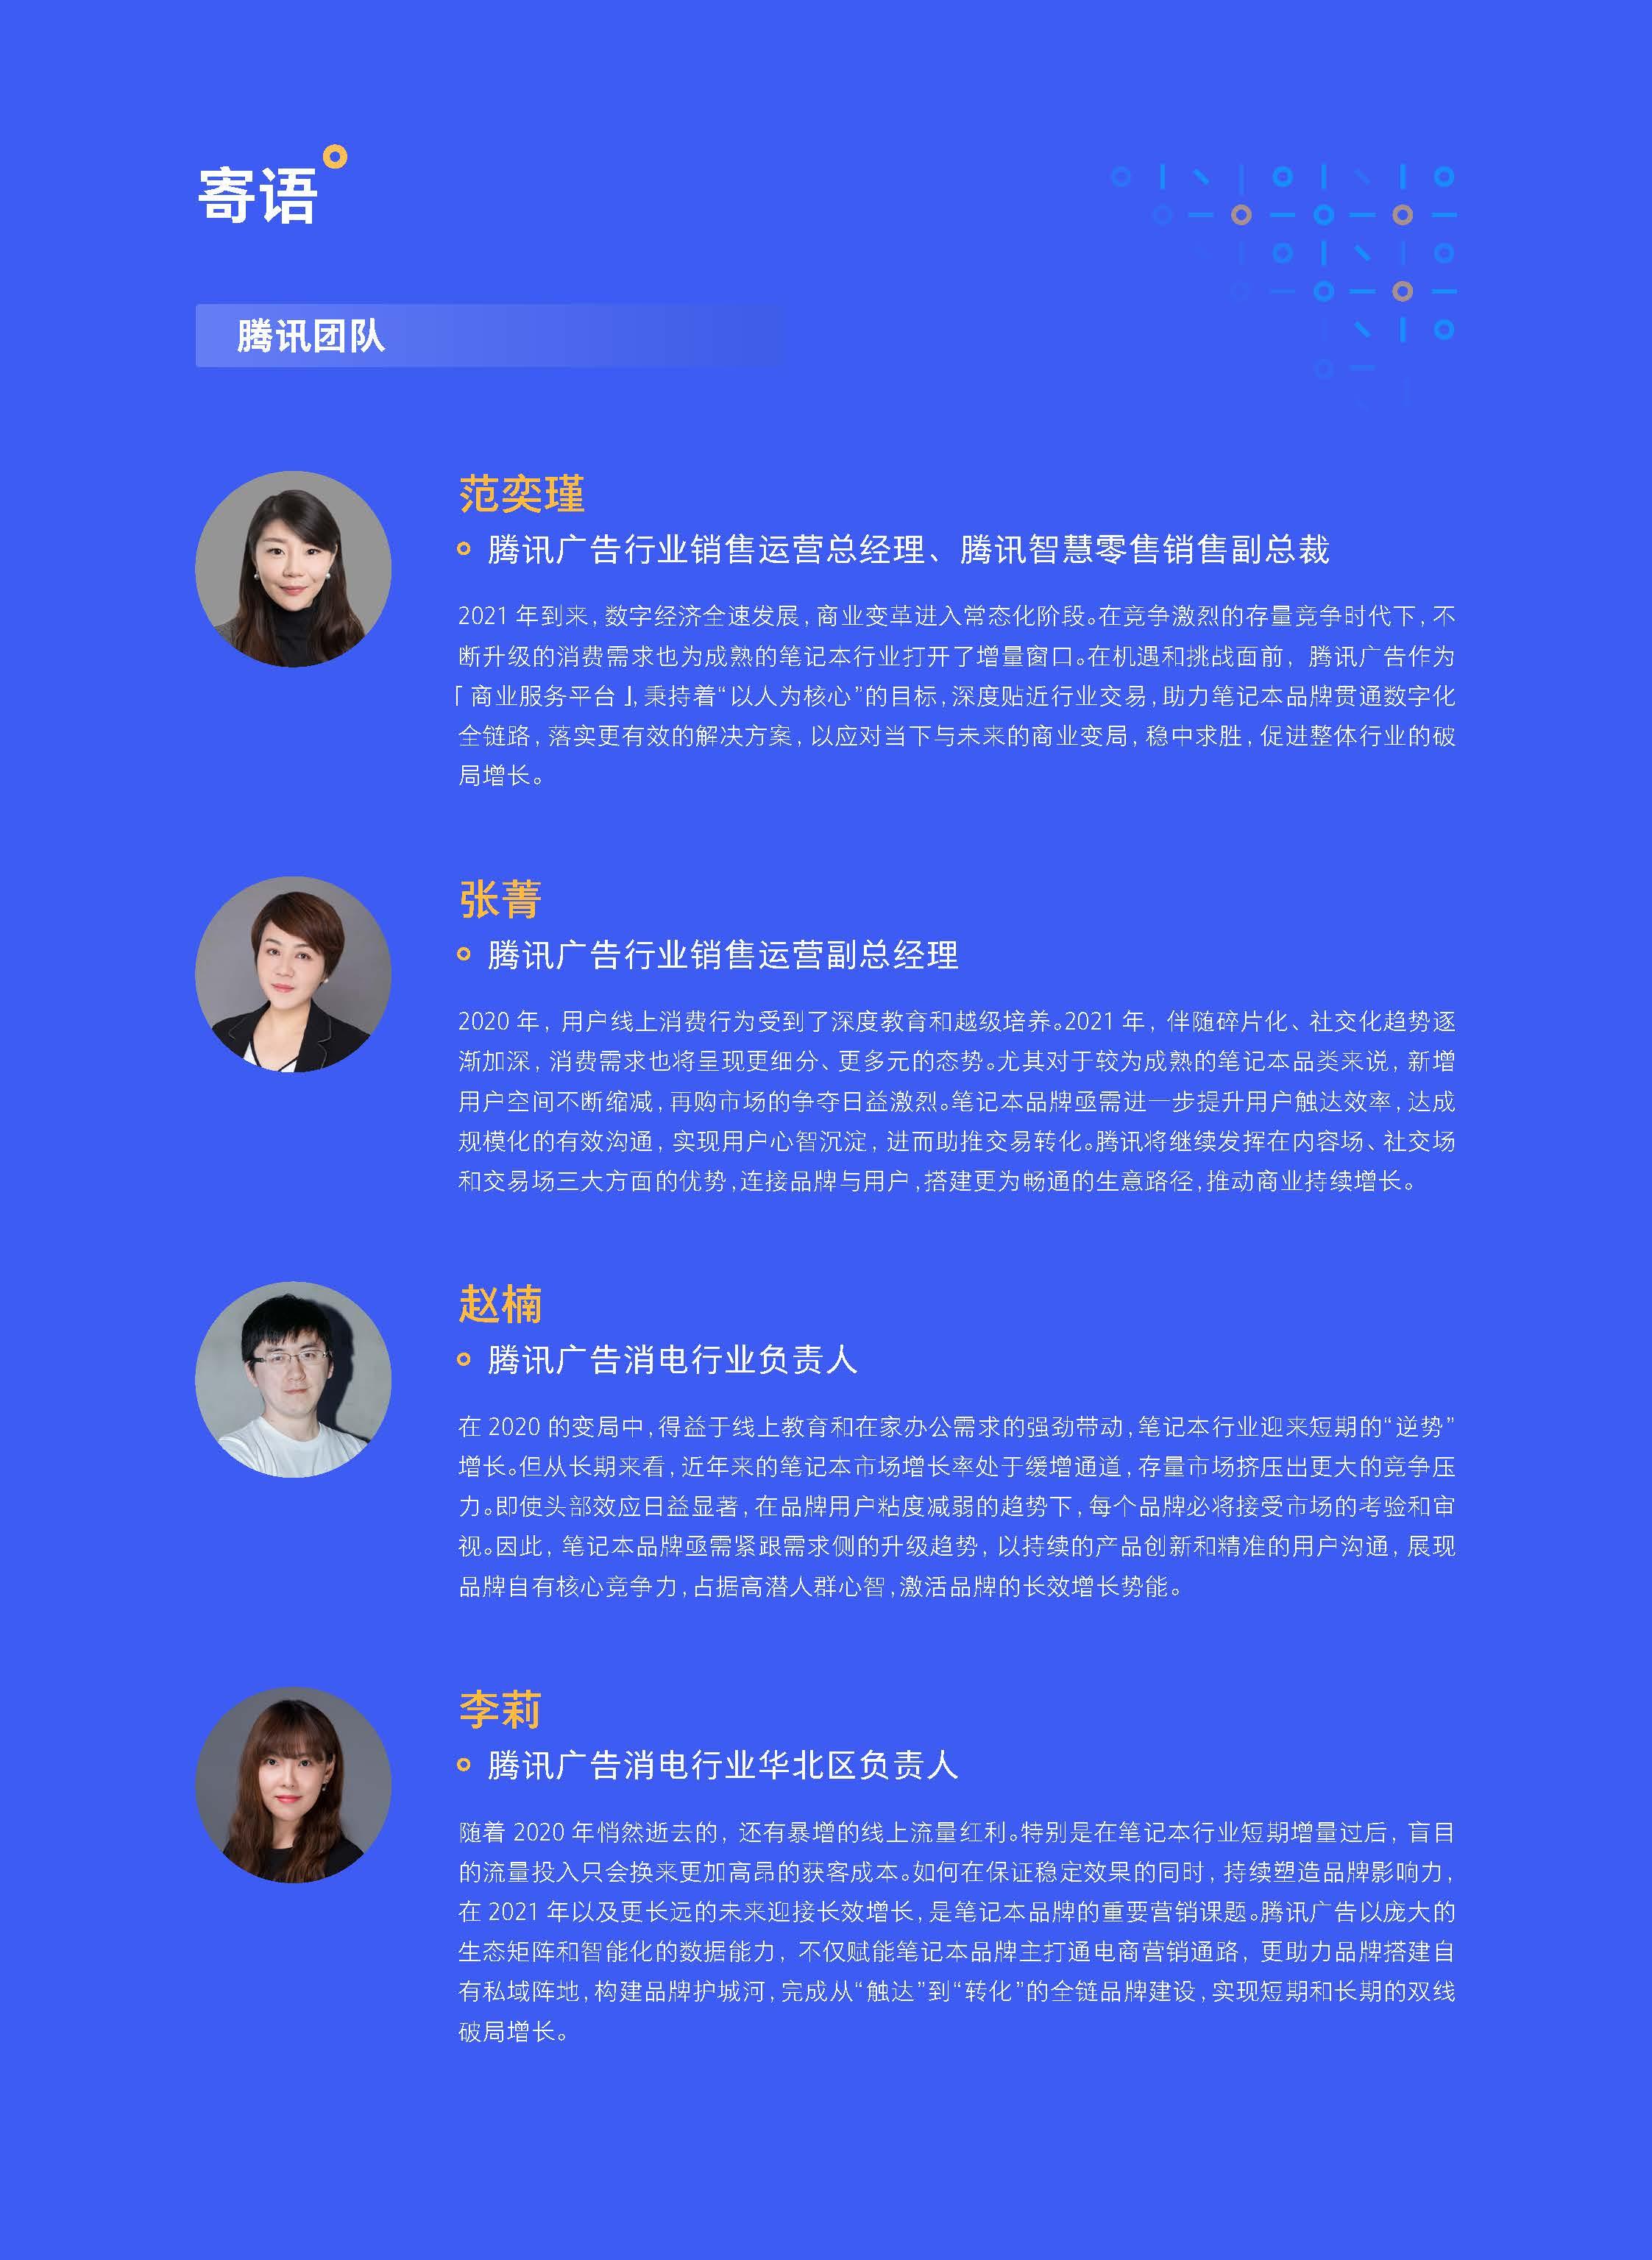 腾讯联合京东,发布笔记本电脑行业营销洞察白皮书图2